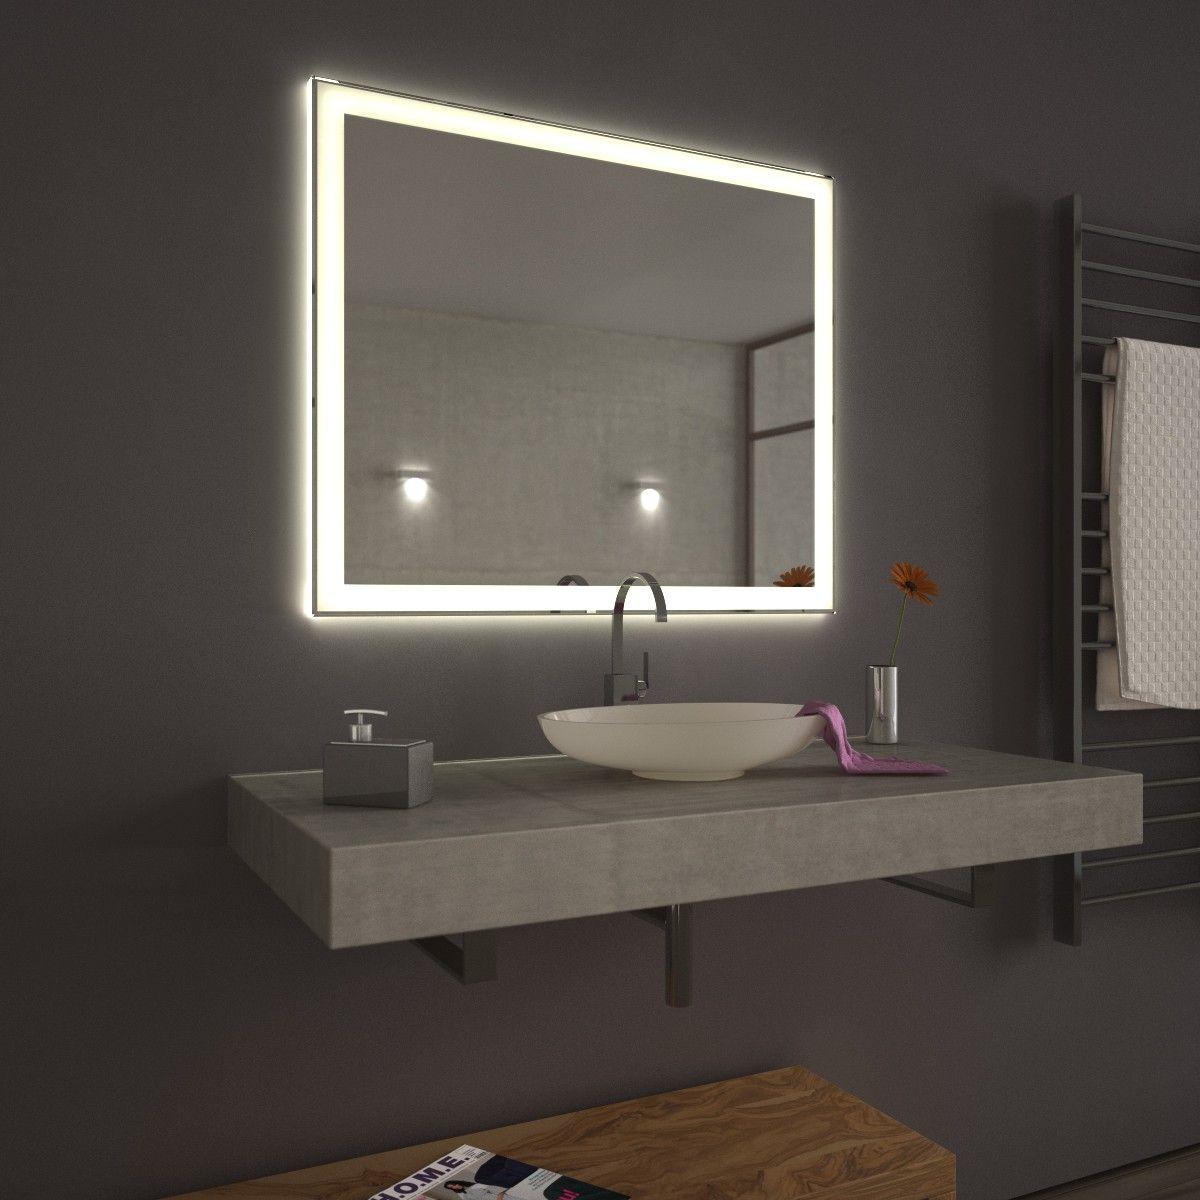 Frisch Badezimmerspiegel Modern Entwurf Houz Ideen Wadudu Http Houzideenwadudu Blogsp In 2020 Badezimmerspiegel Badspiegel Beleuchtet Badezimmerspiegel Beleuchtung